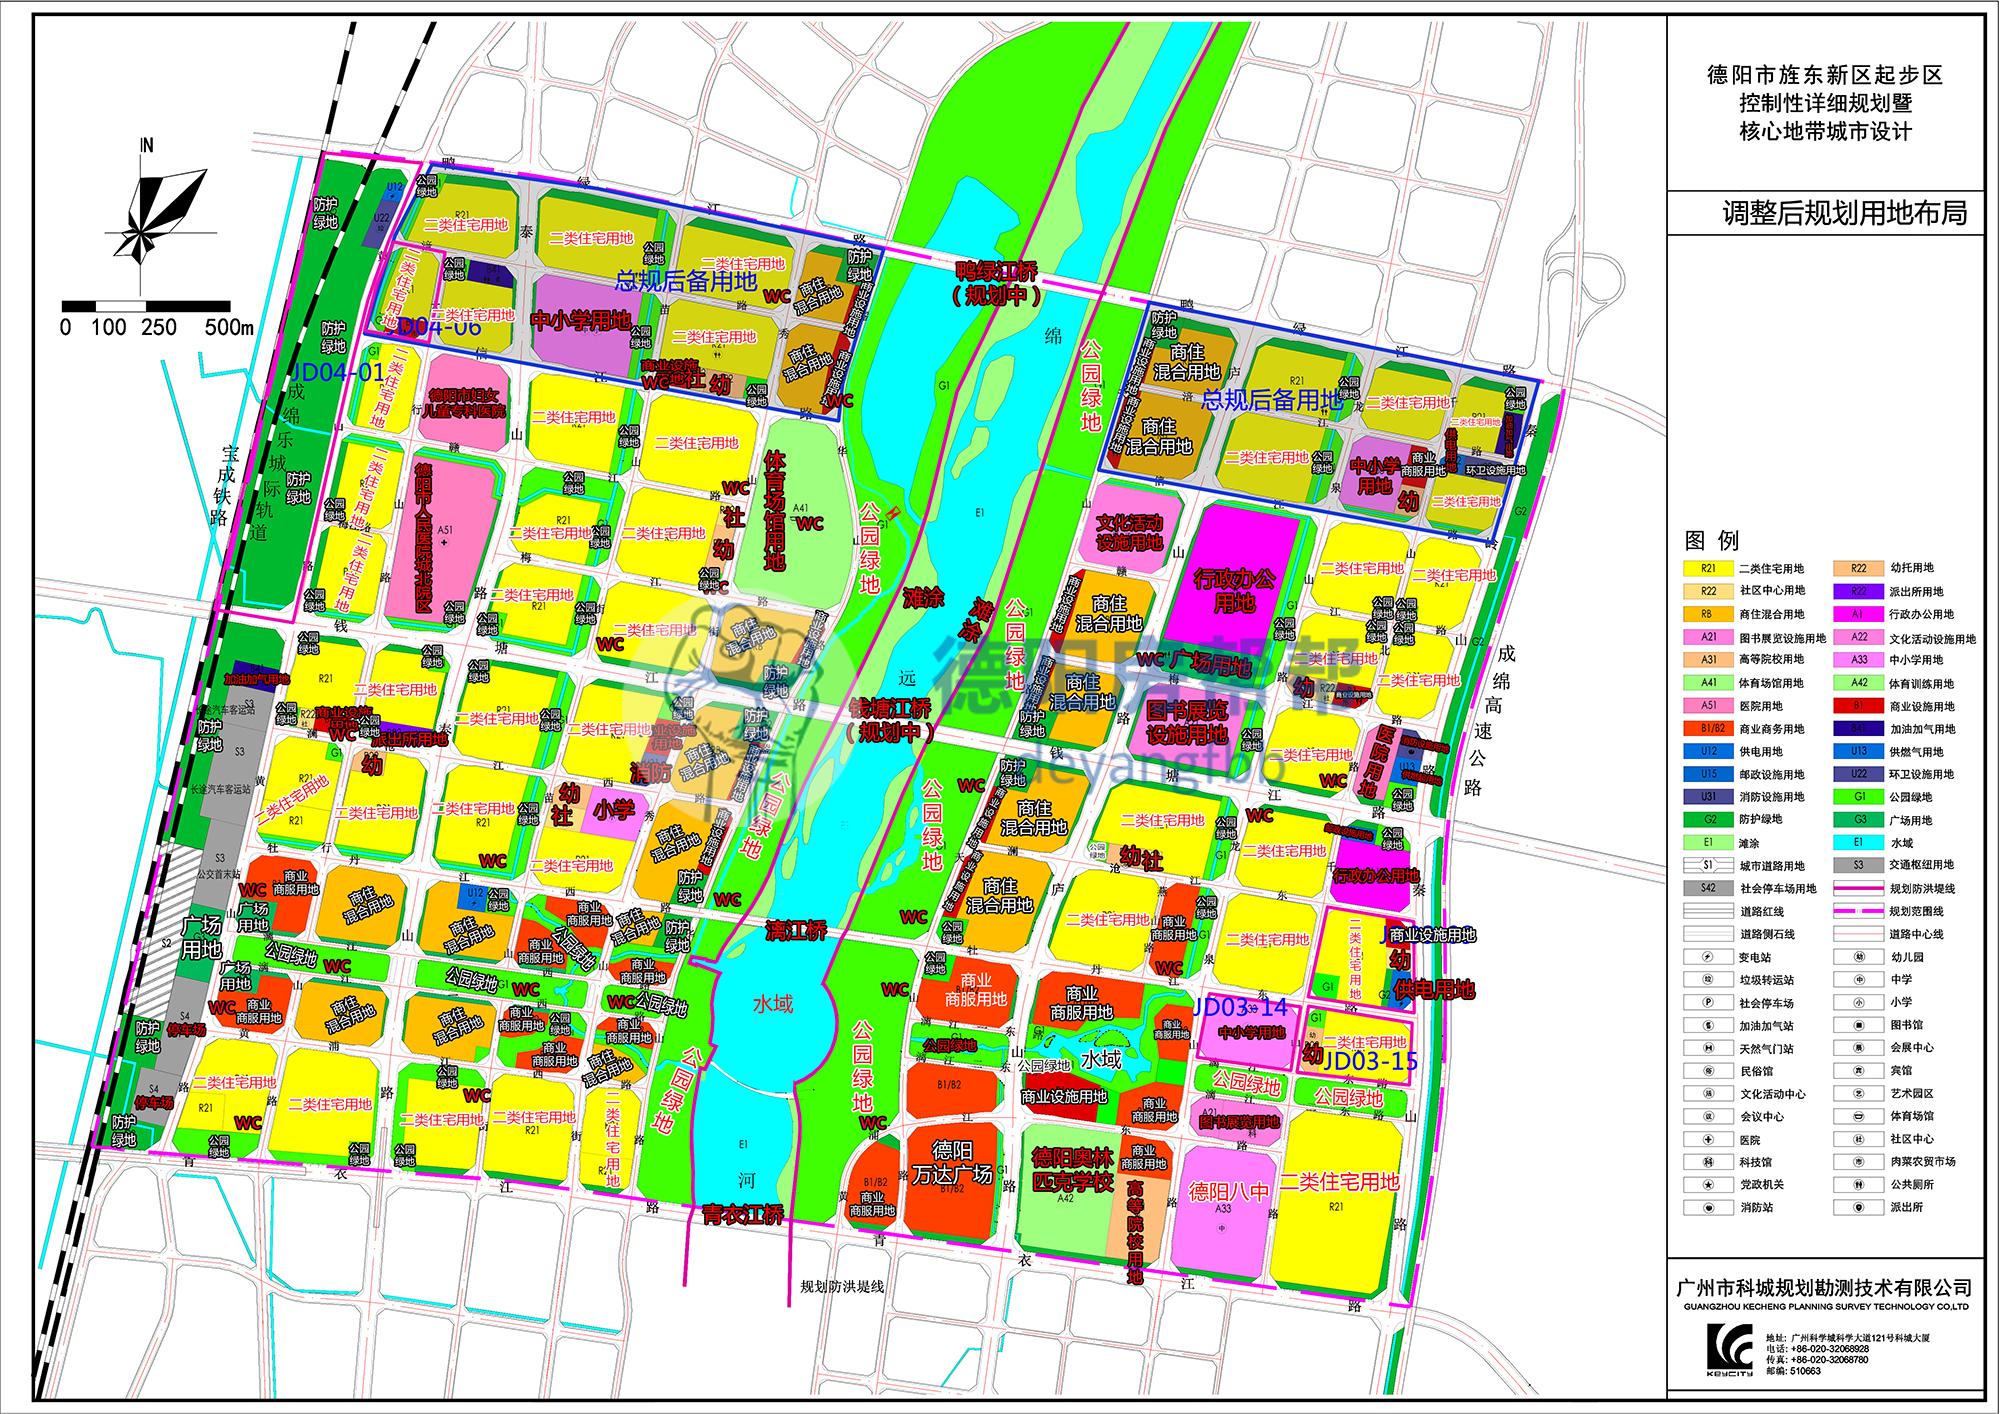 德阳城市用地规划图 暗藏买房玄机!